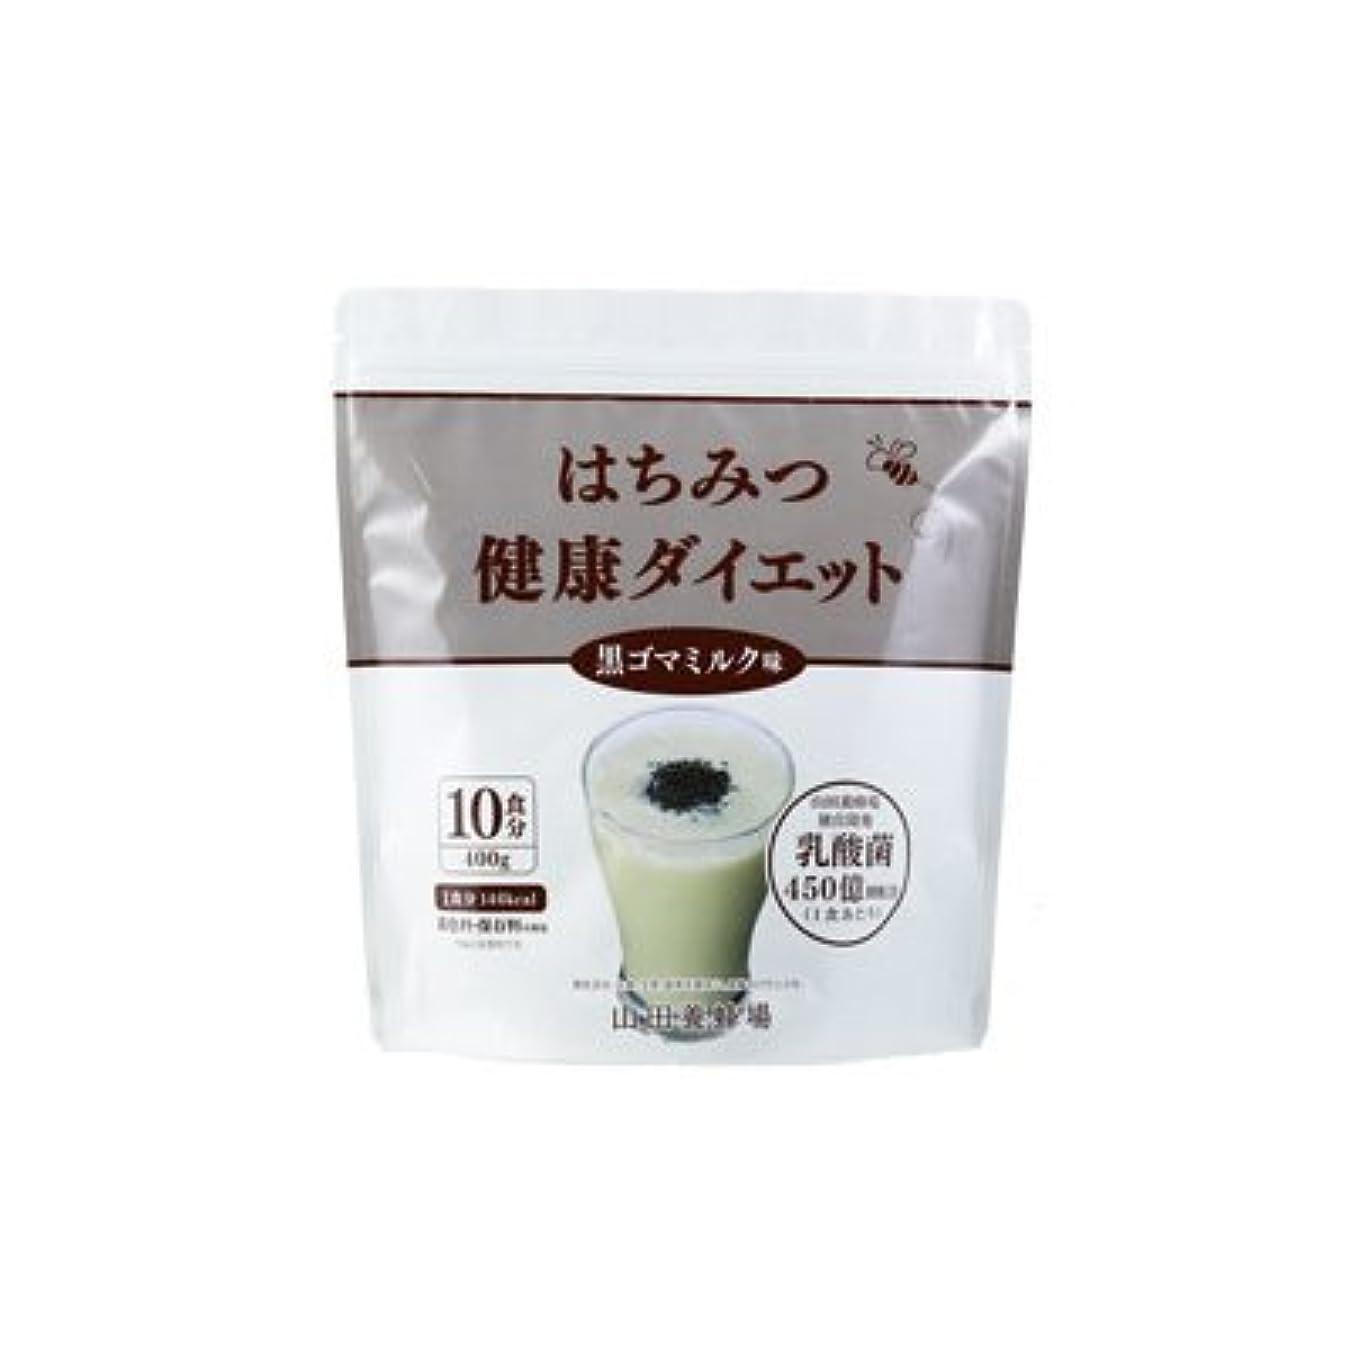 地震嫌がらせ送るはちみつ健康ダイエット 【黒ごまミルク味】400g(10食分)